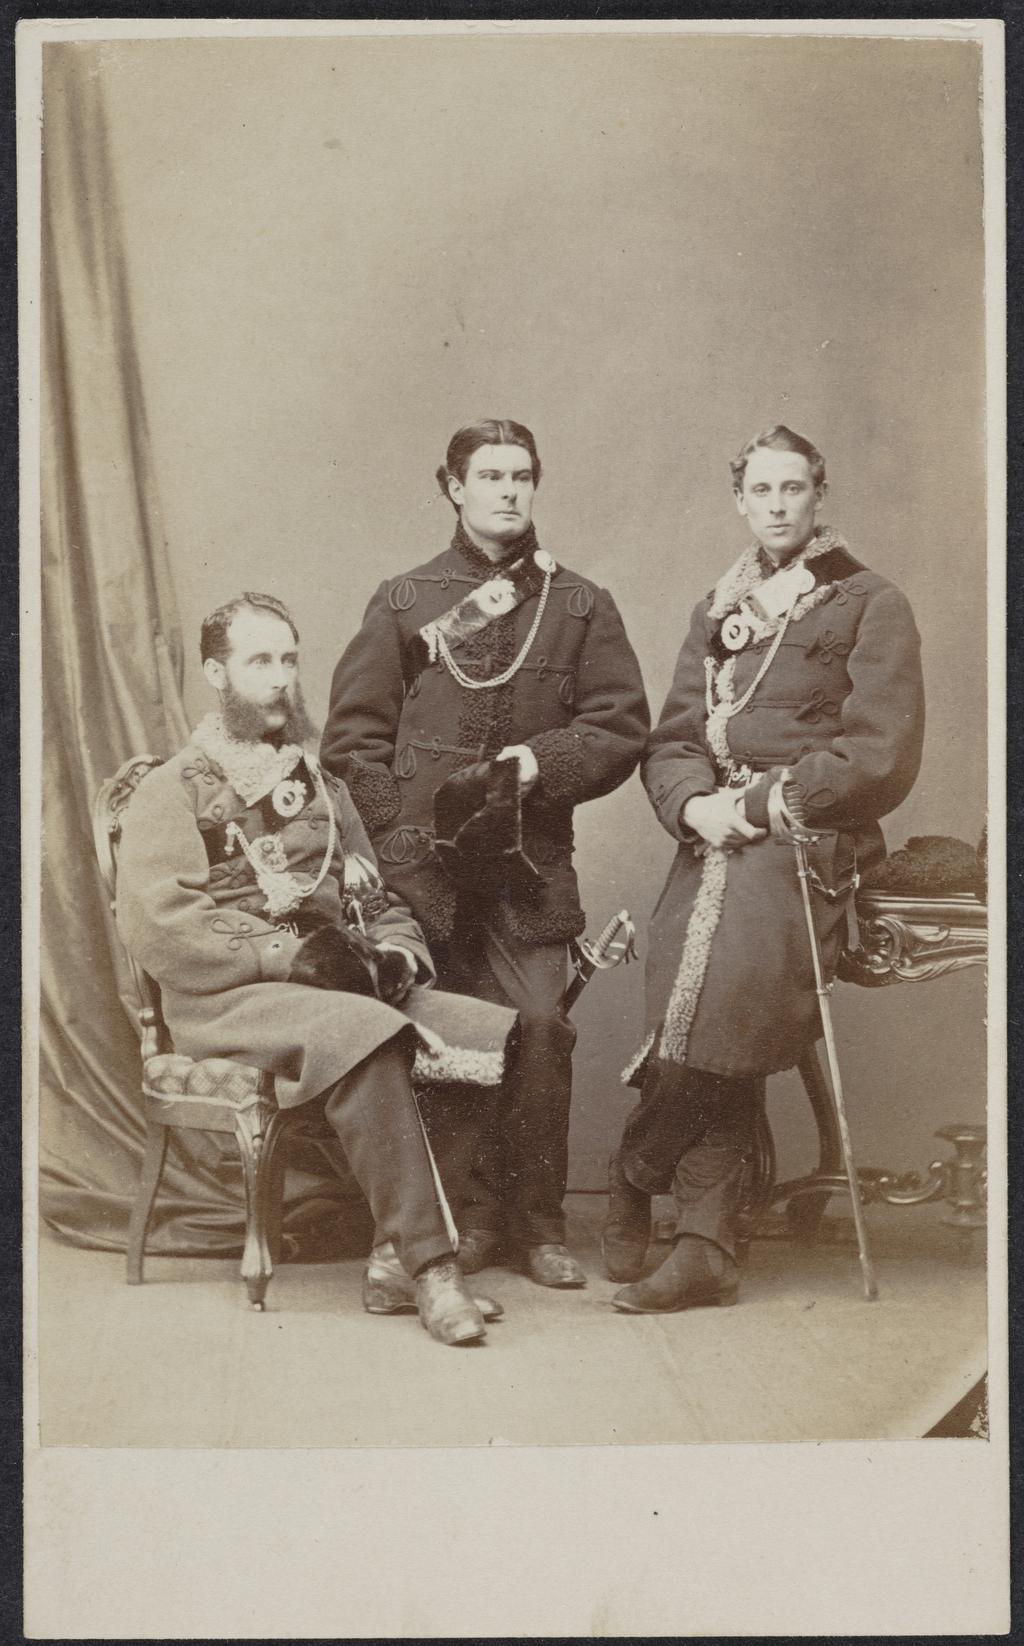 Portrait de trois militaires du 8e bataillon des Royal Rifles de Québec(?) en costume d'hiver, de l'album de collection dit de Richard Alleyn